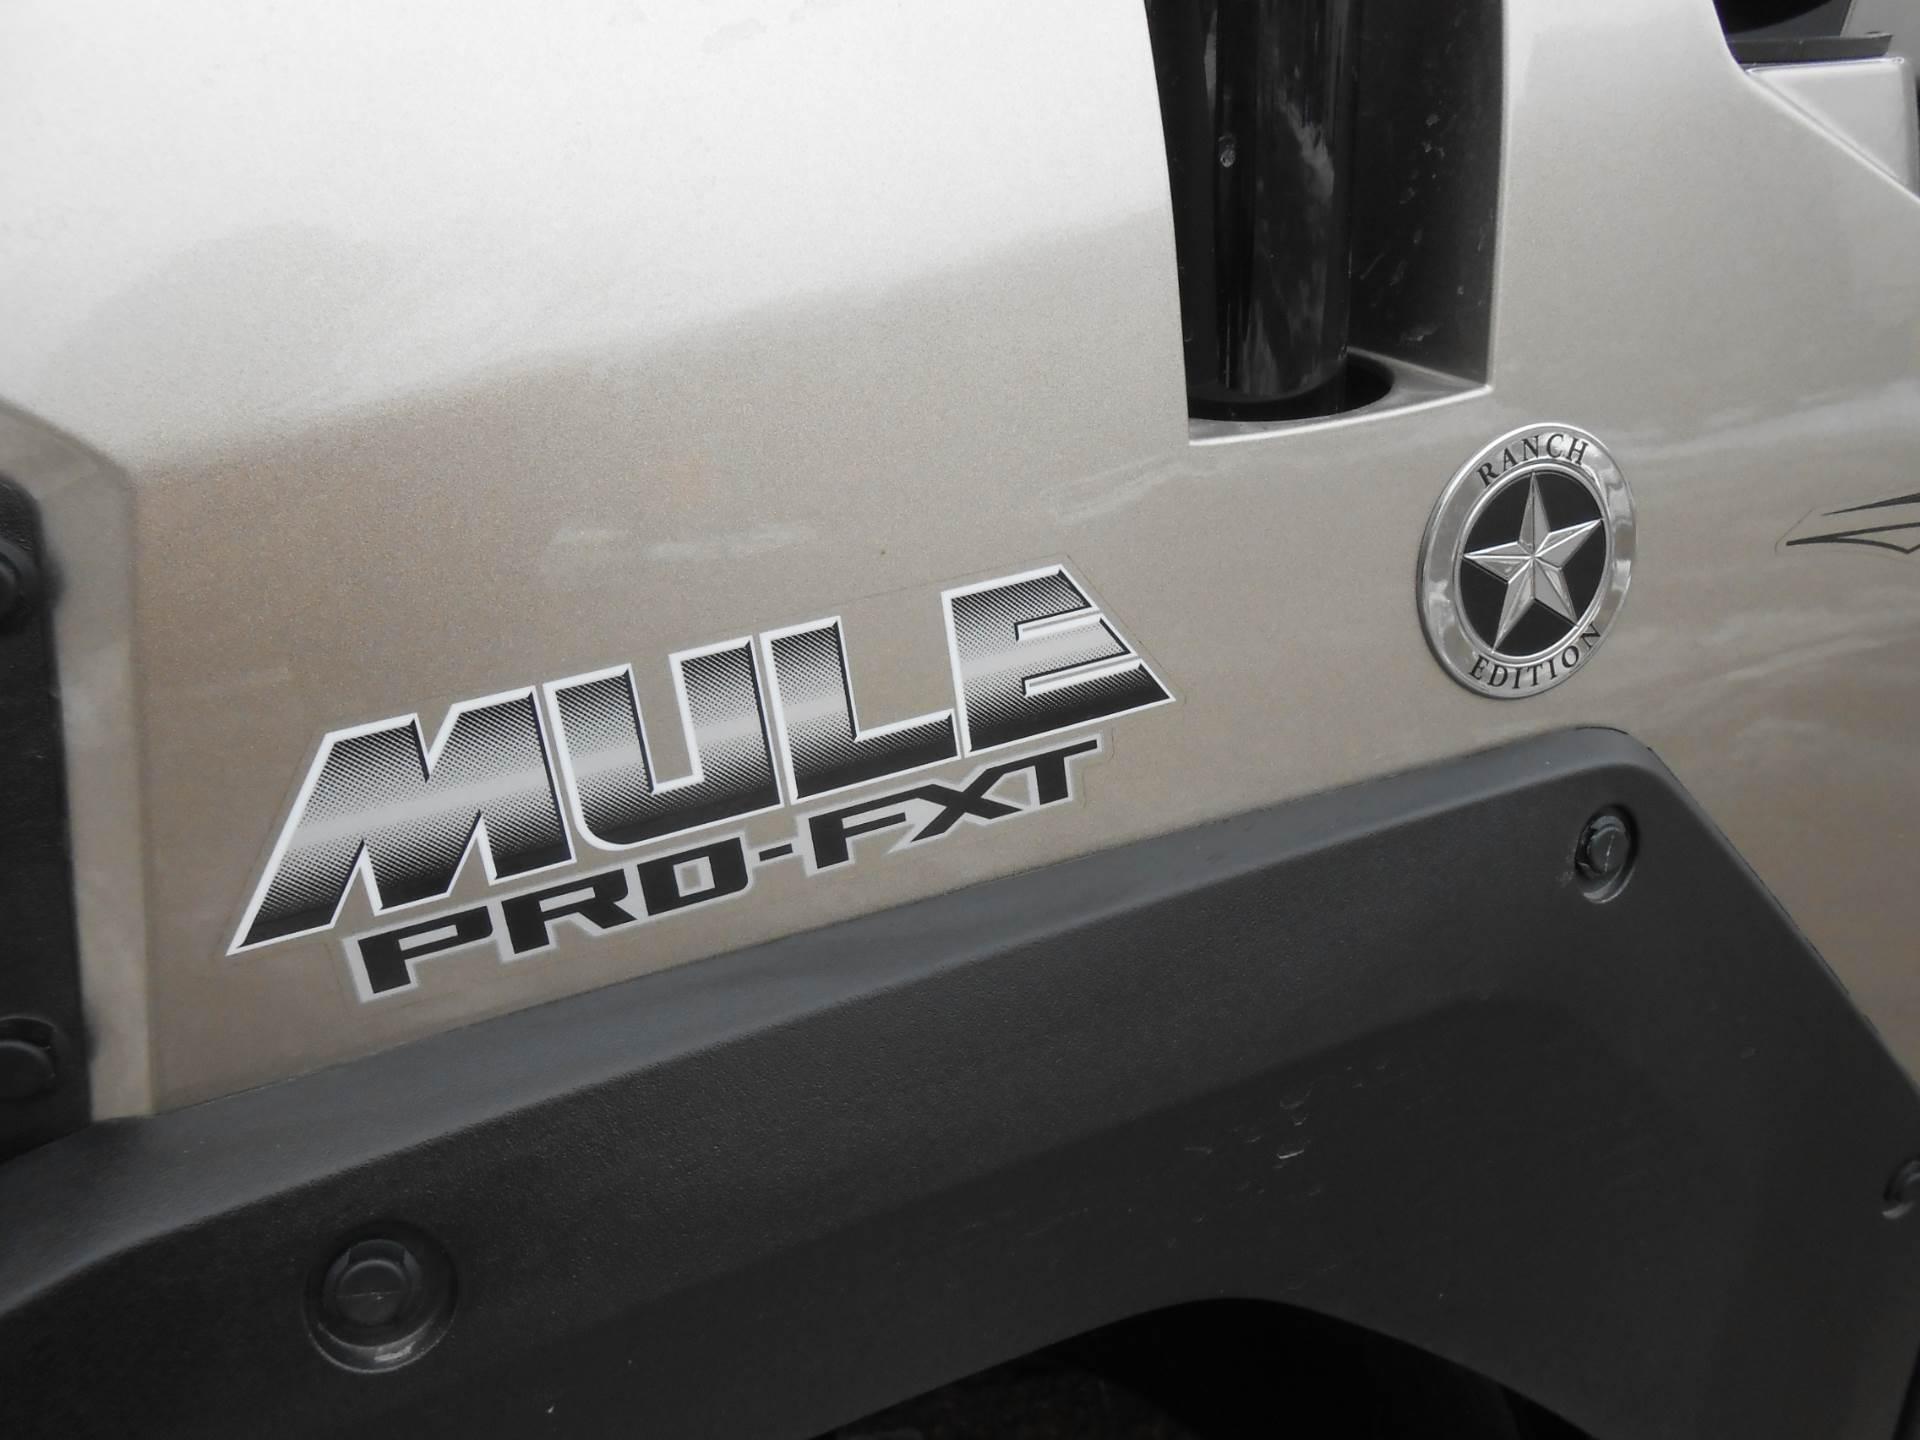 2018 Kawasaki Mule PRO-FXT RANCH EDITION 9